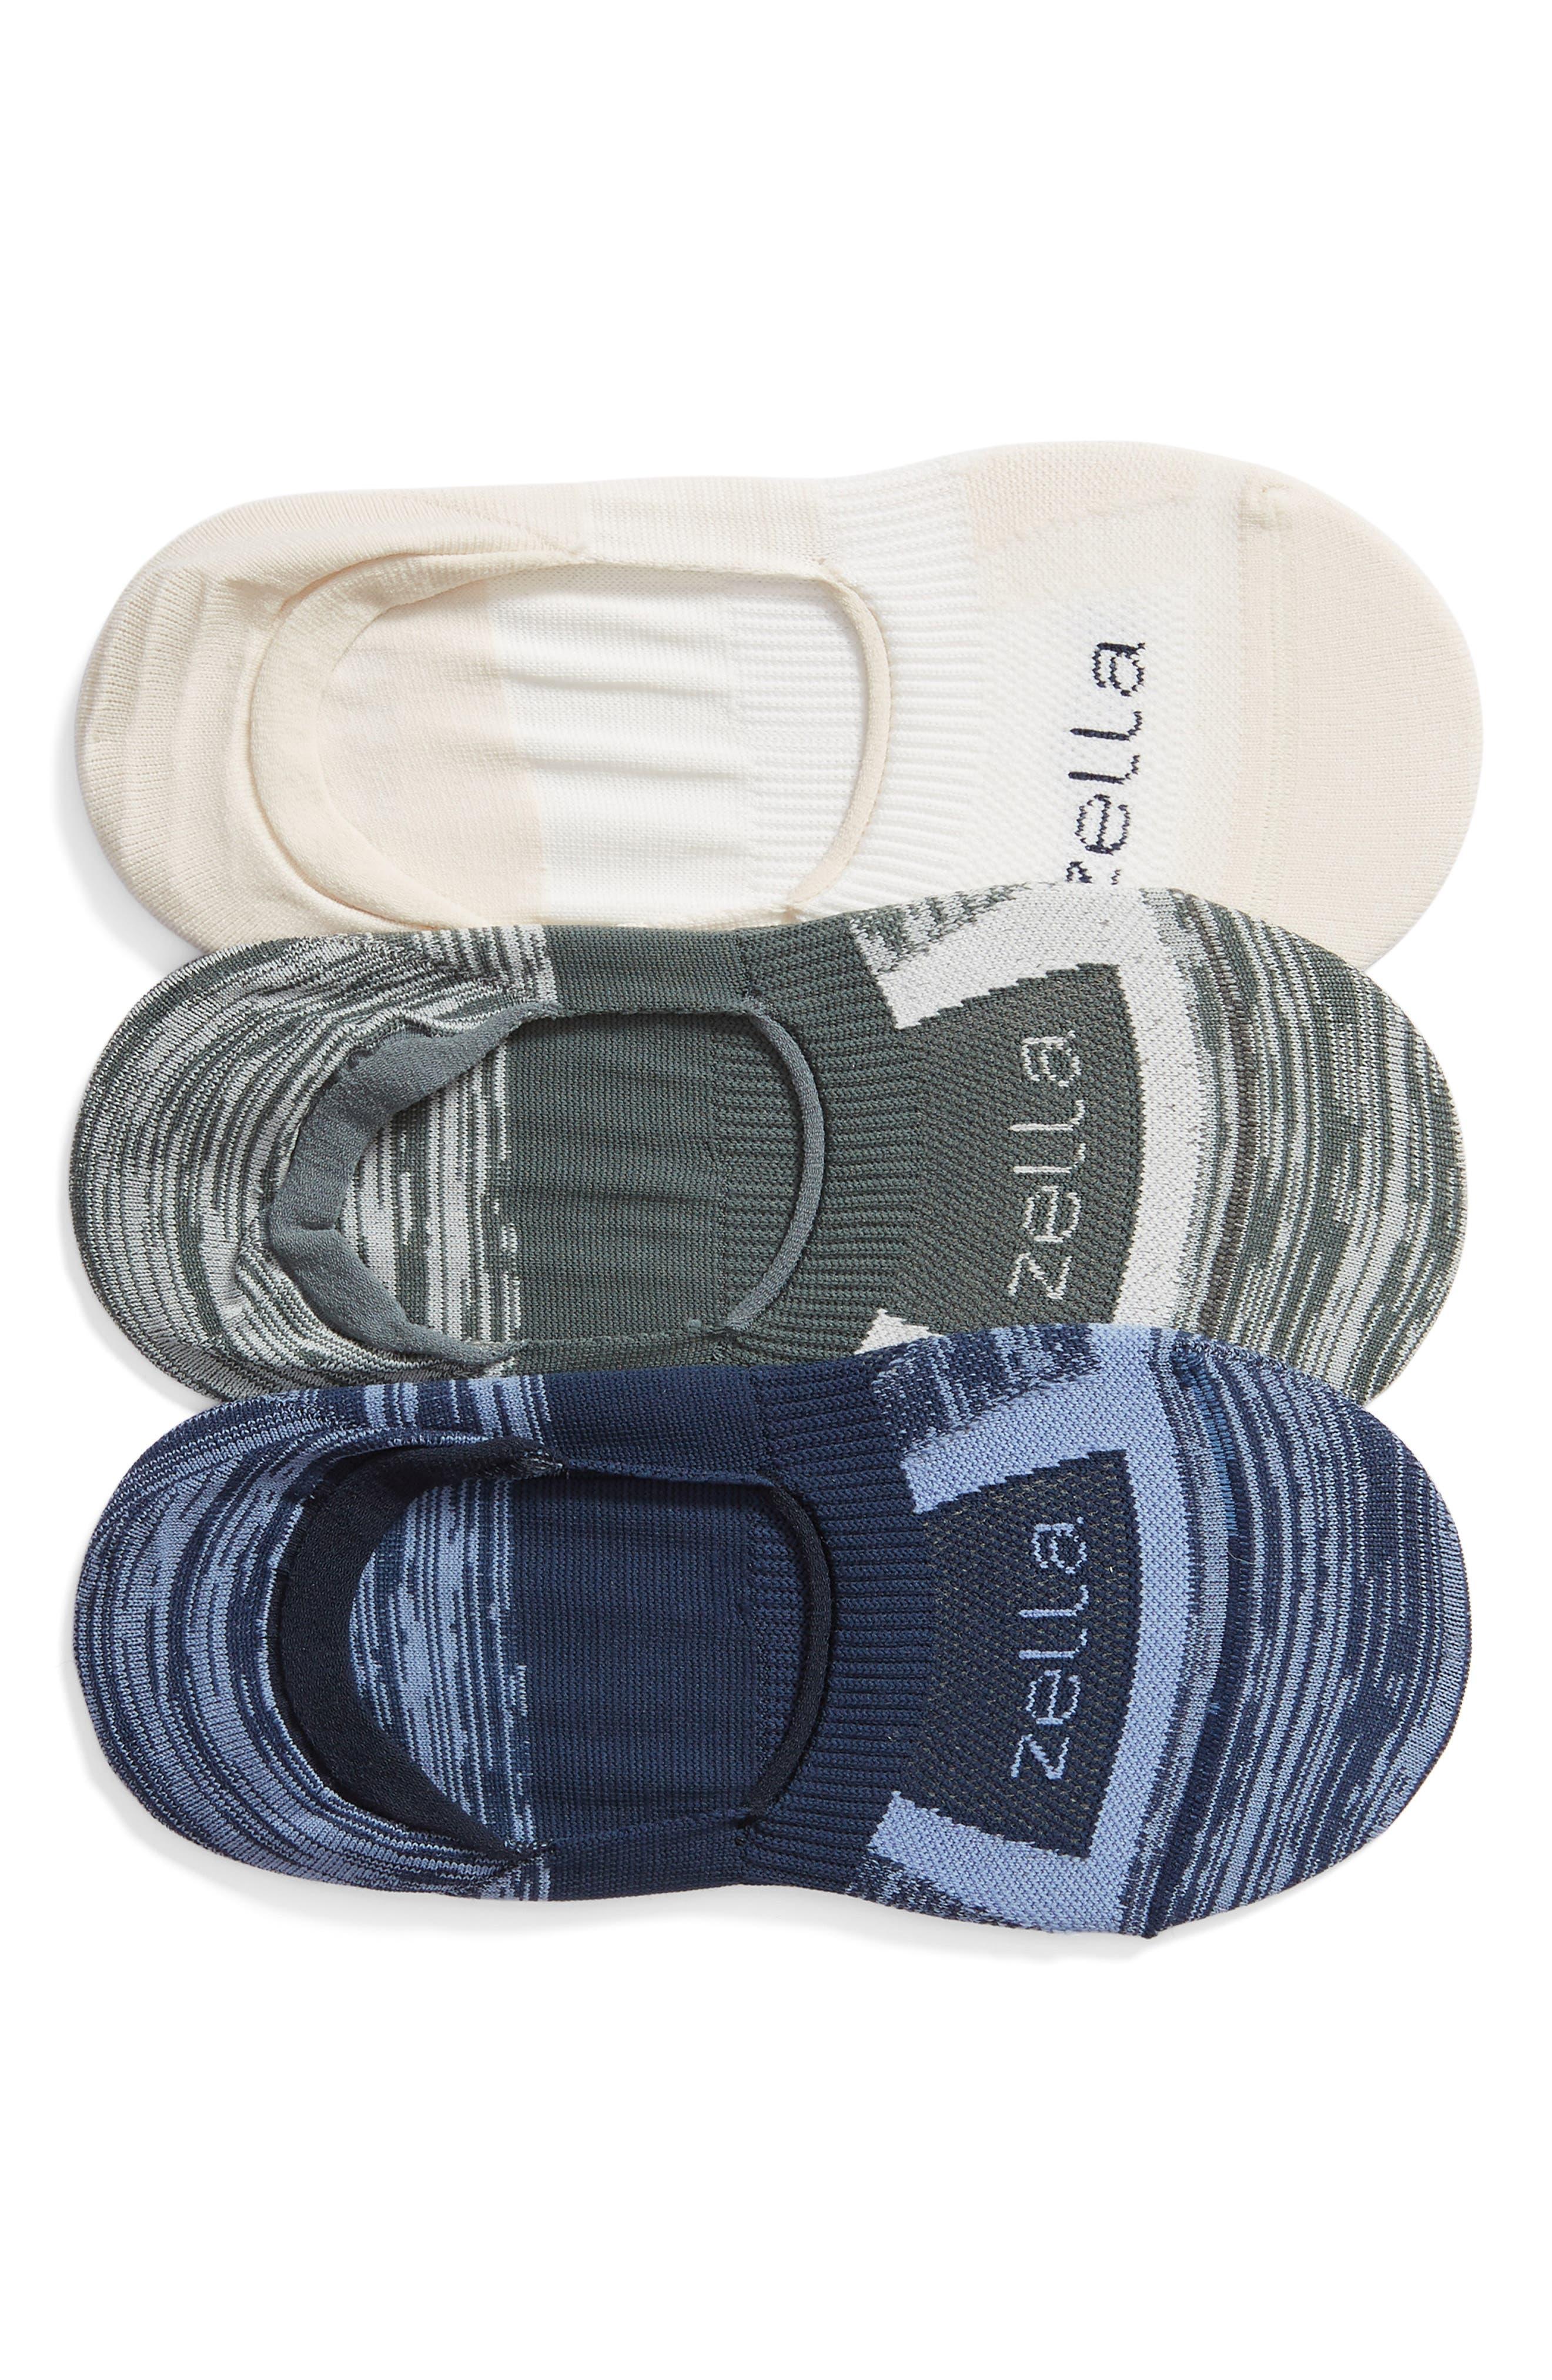 3-Pack Low Profile Socks,                             Main thumbnail 1, color,                             GREY URBAN